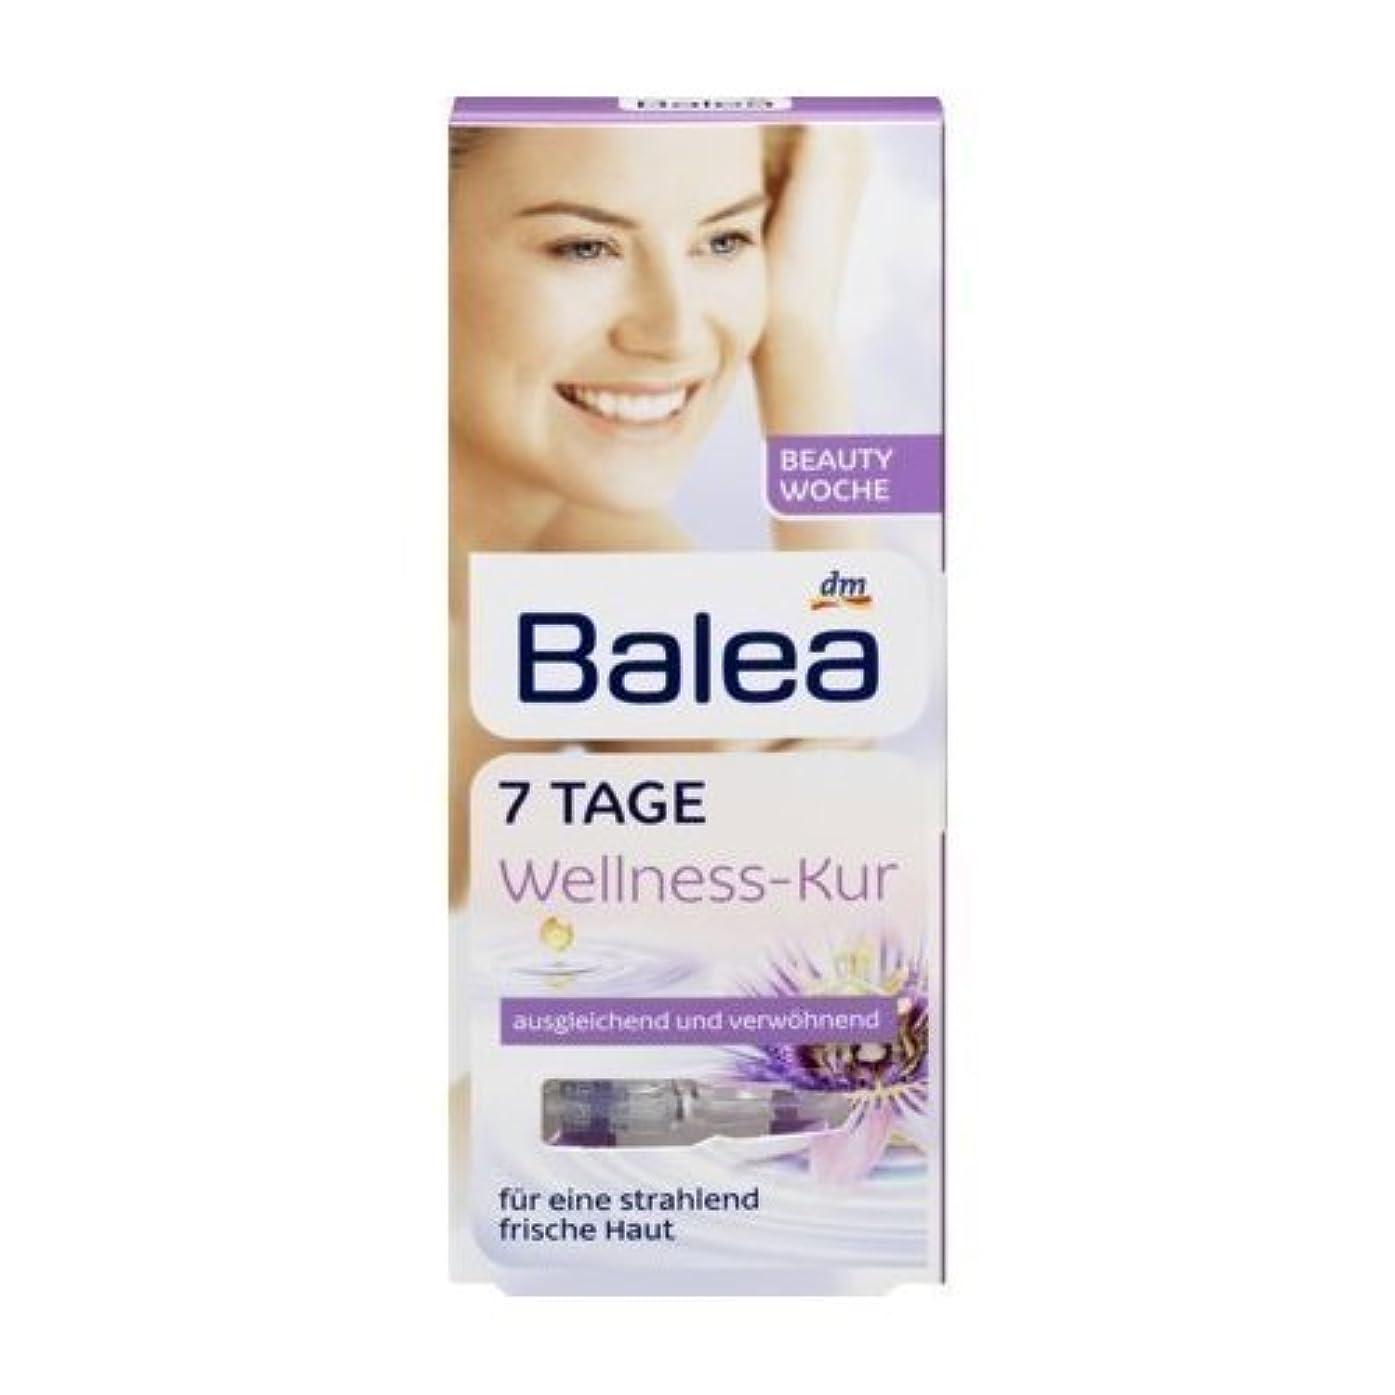 肥沃な権限を与える形式Balea Wellnes-Kur 7 Day, 7 ml